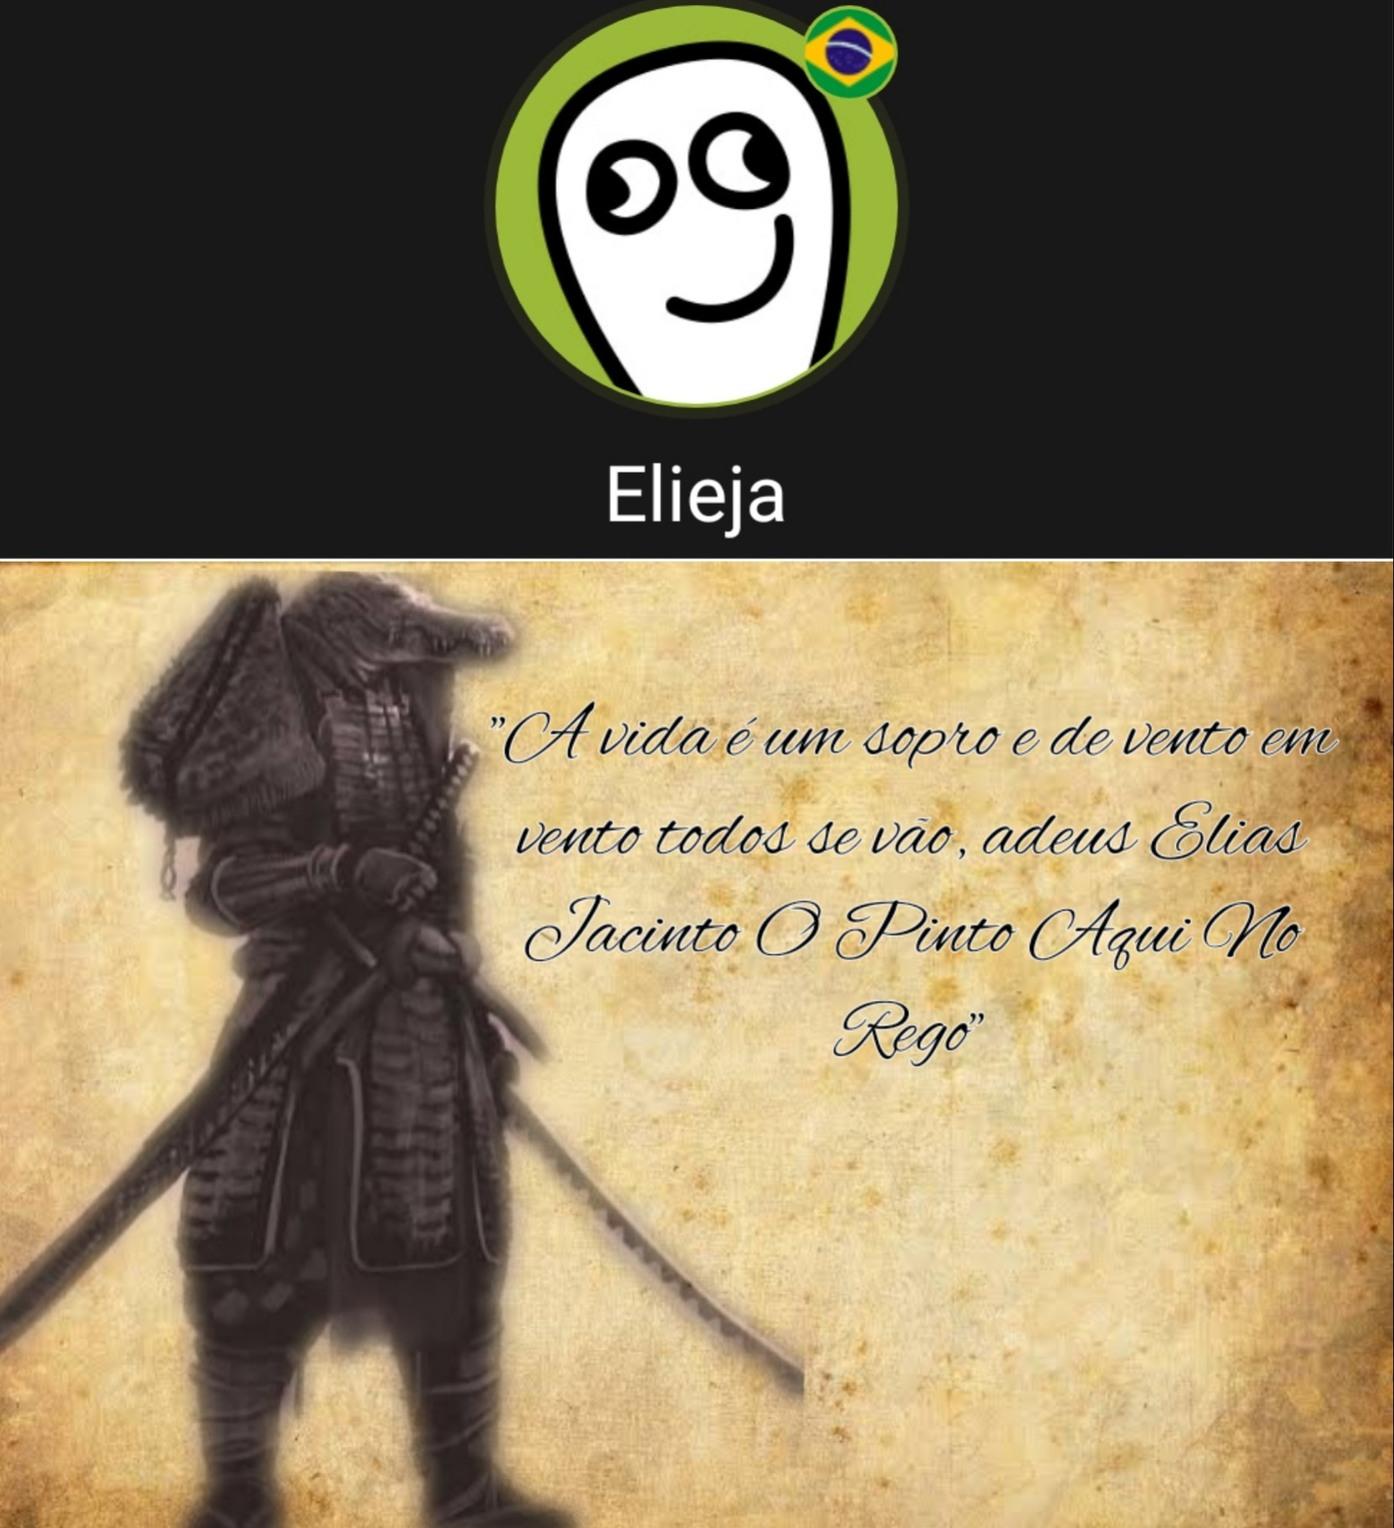 Elias Jacinto O Pinto Aqui No Rego - meme